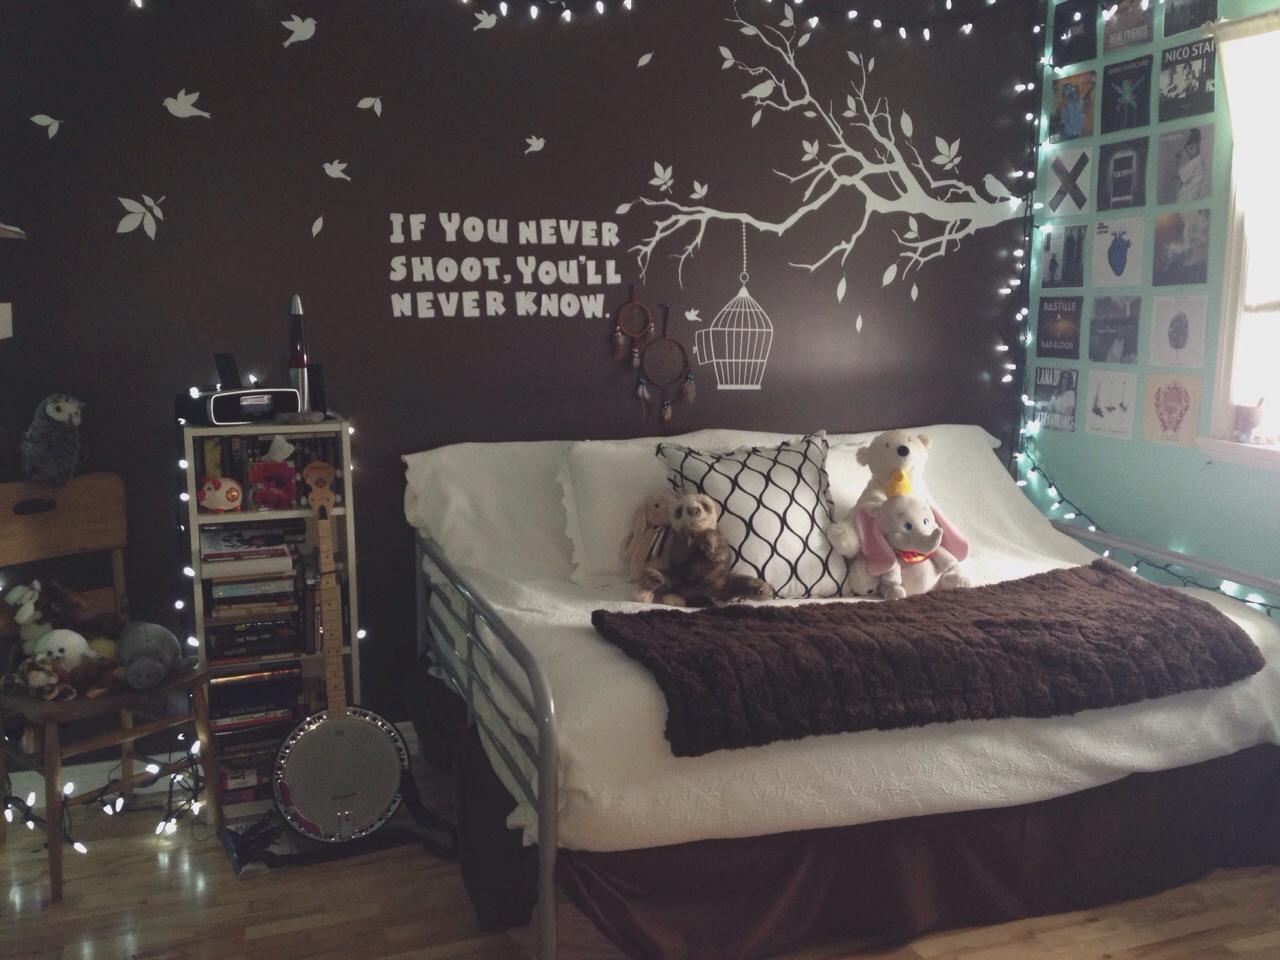 Mainkan Imajinasi Bersama Lampu LED Kecil - Wujudkan Kamar Impian dengan Lampu LED Kecil - Furnitureteams.com